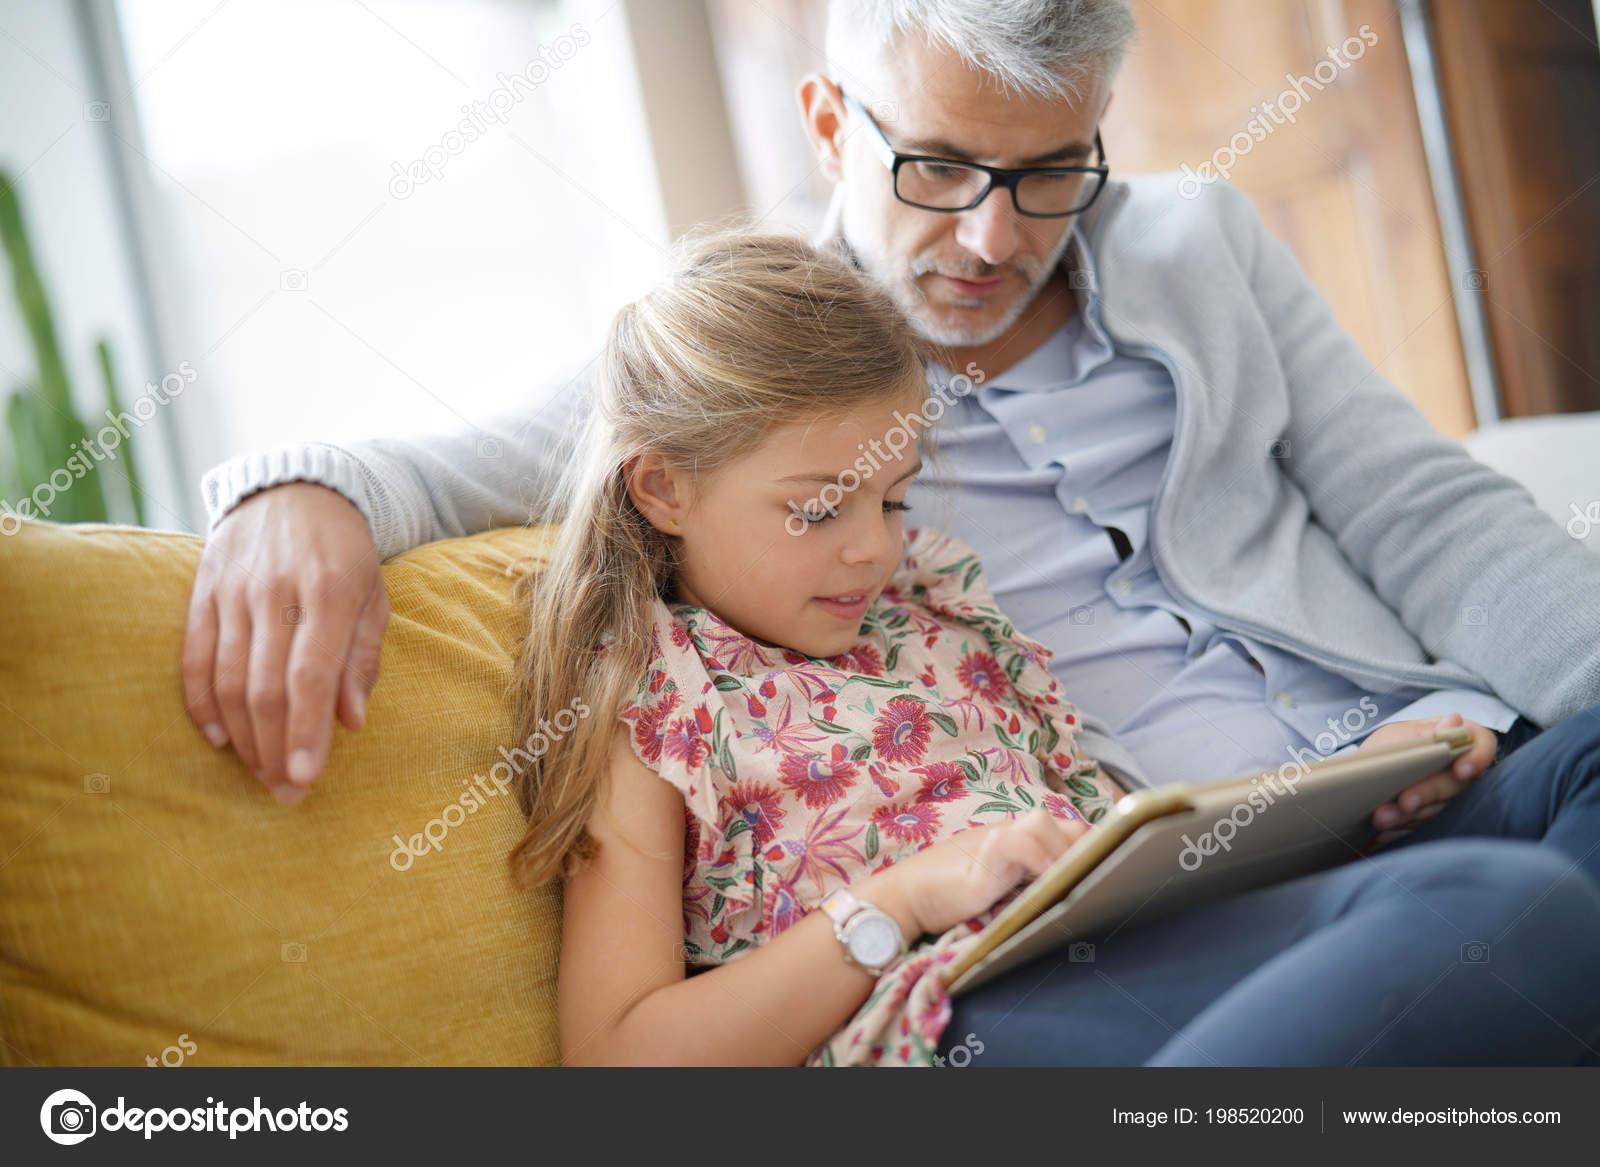 Толстая дочь и отец онлайн, Толстая дочка -видео. Смотреть толстая дочка 18 фотография